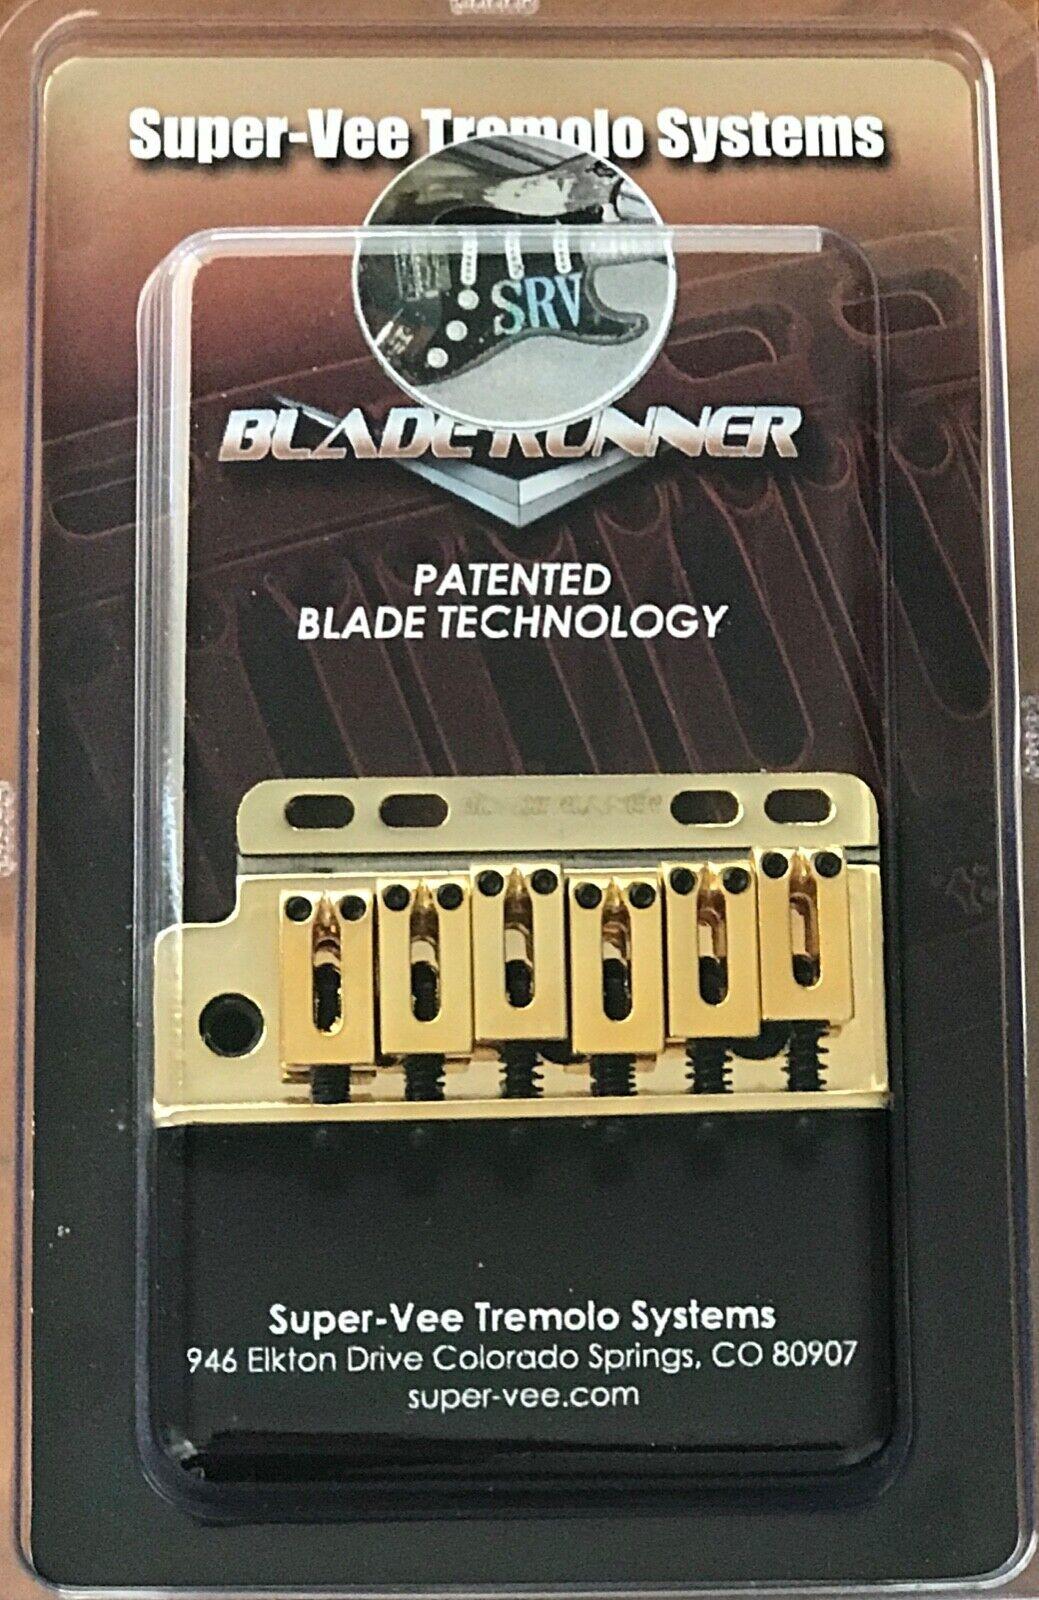 SuperVee SRV Lefty For Right Hand Bladerunner - Gold